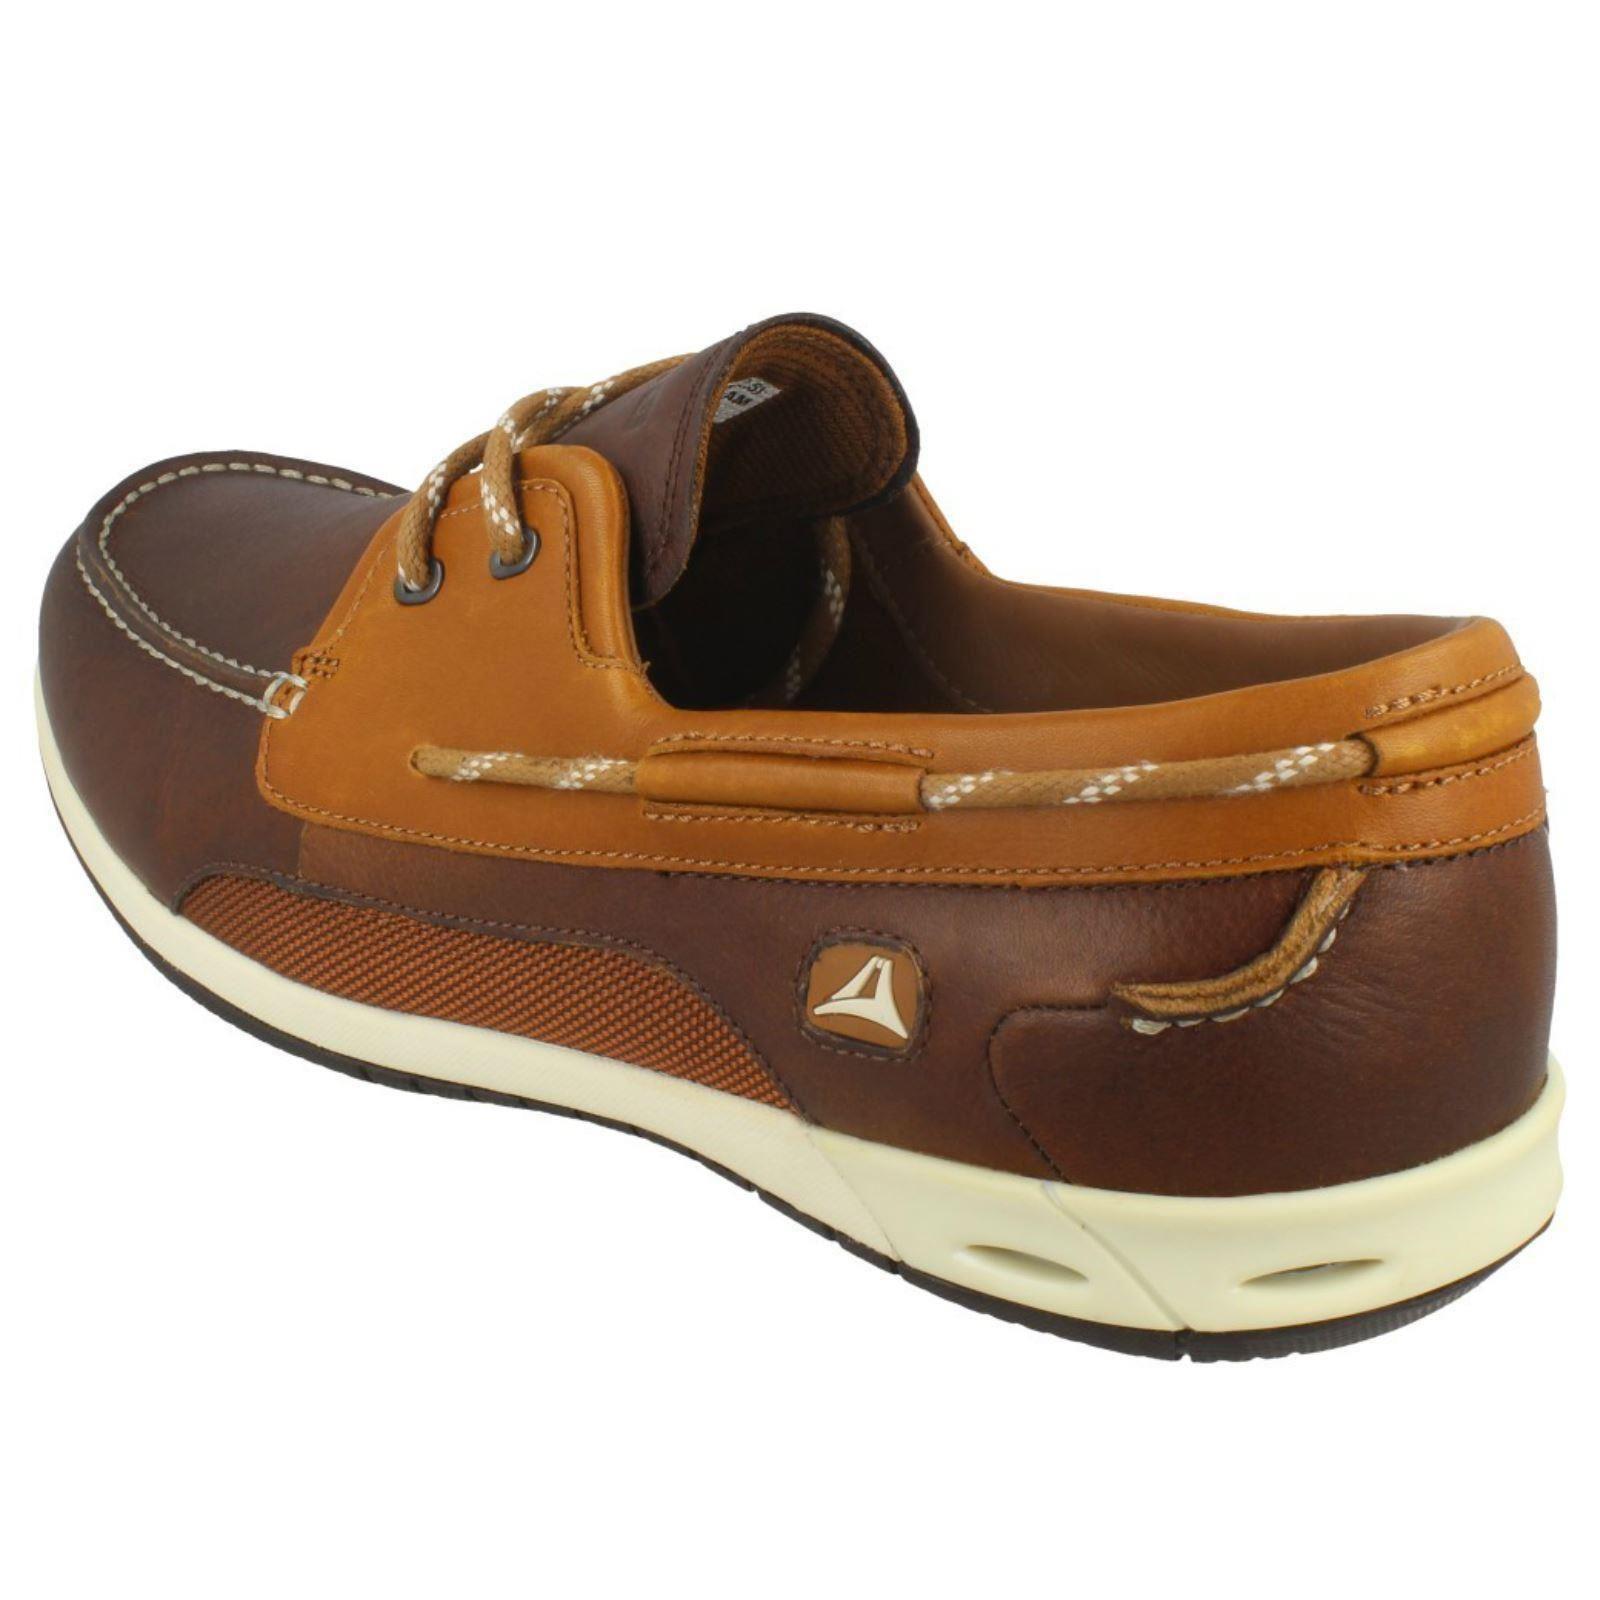 Mens Clarks Deck Shoes *Orson Harbour